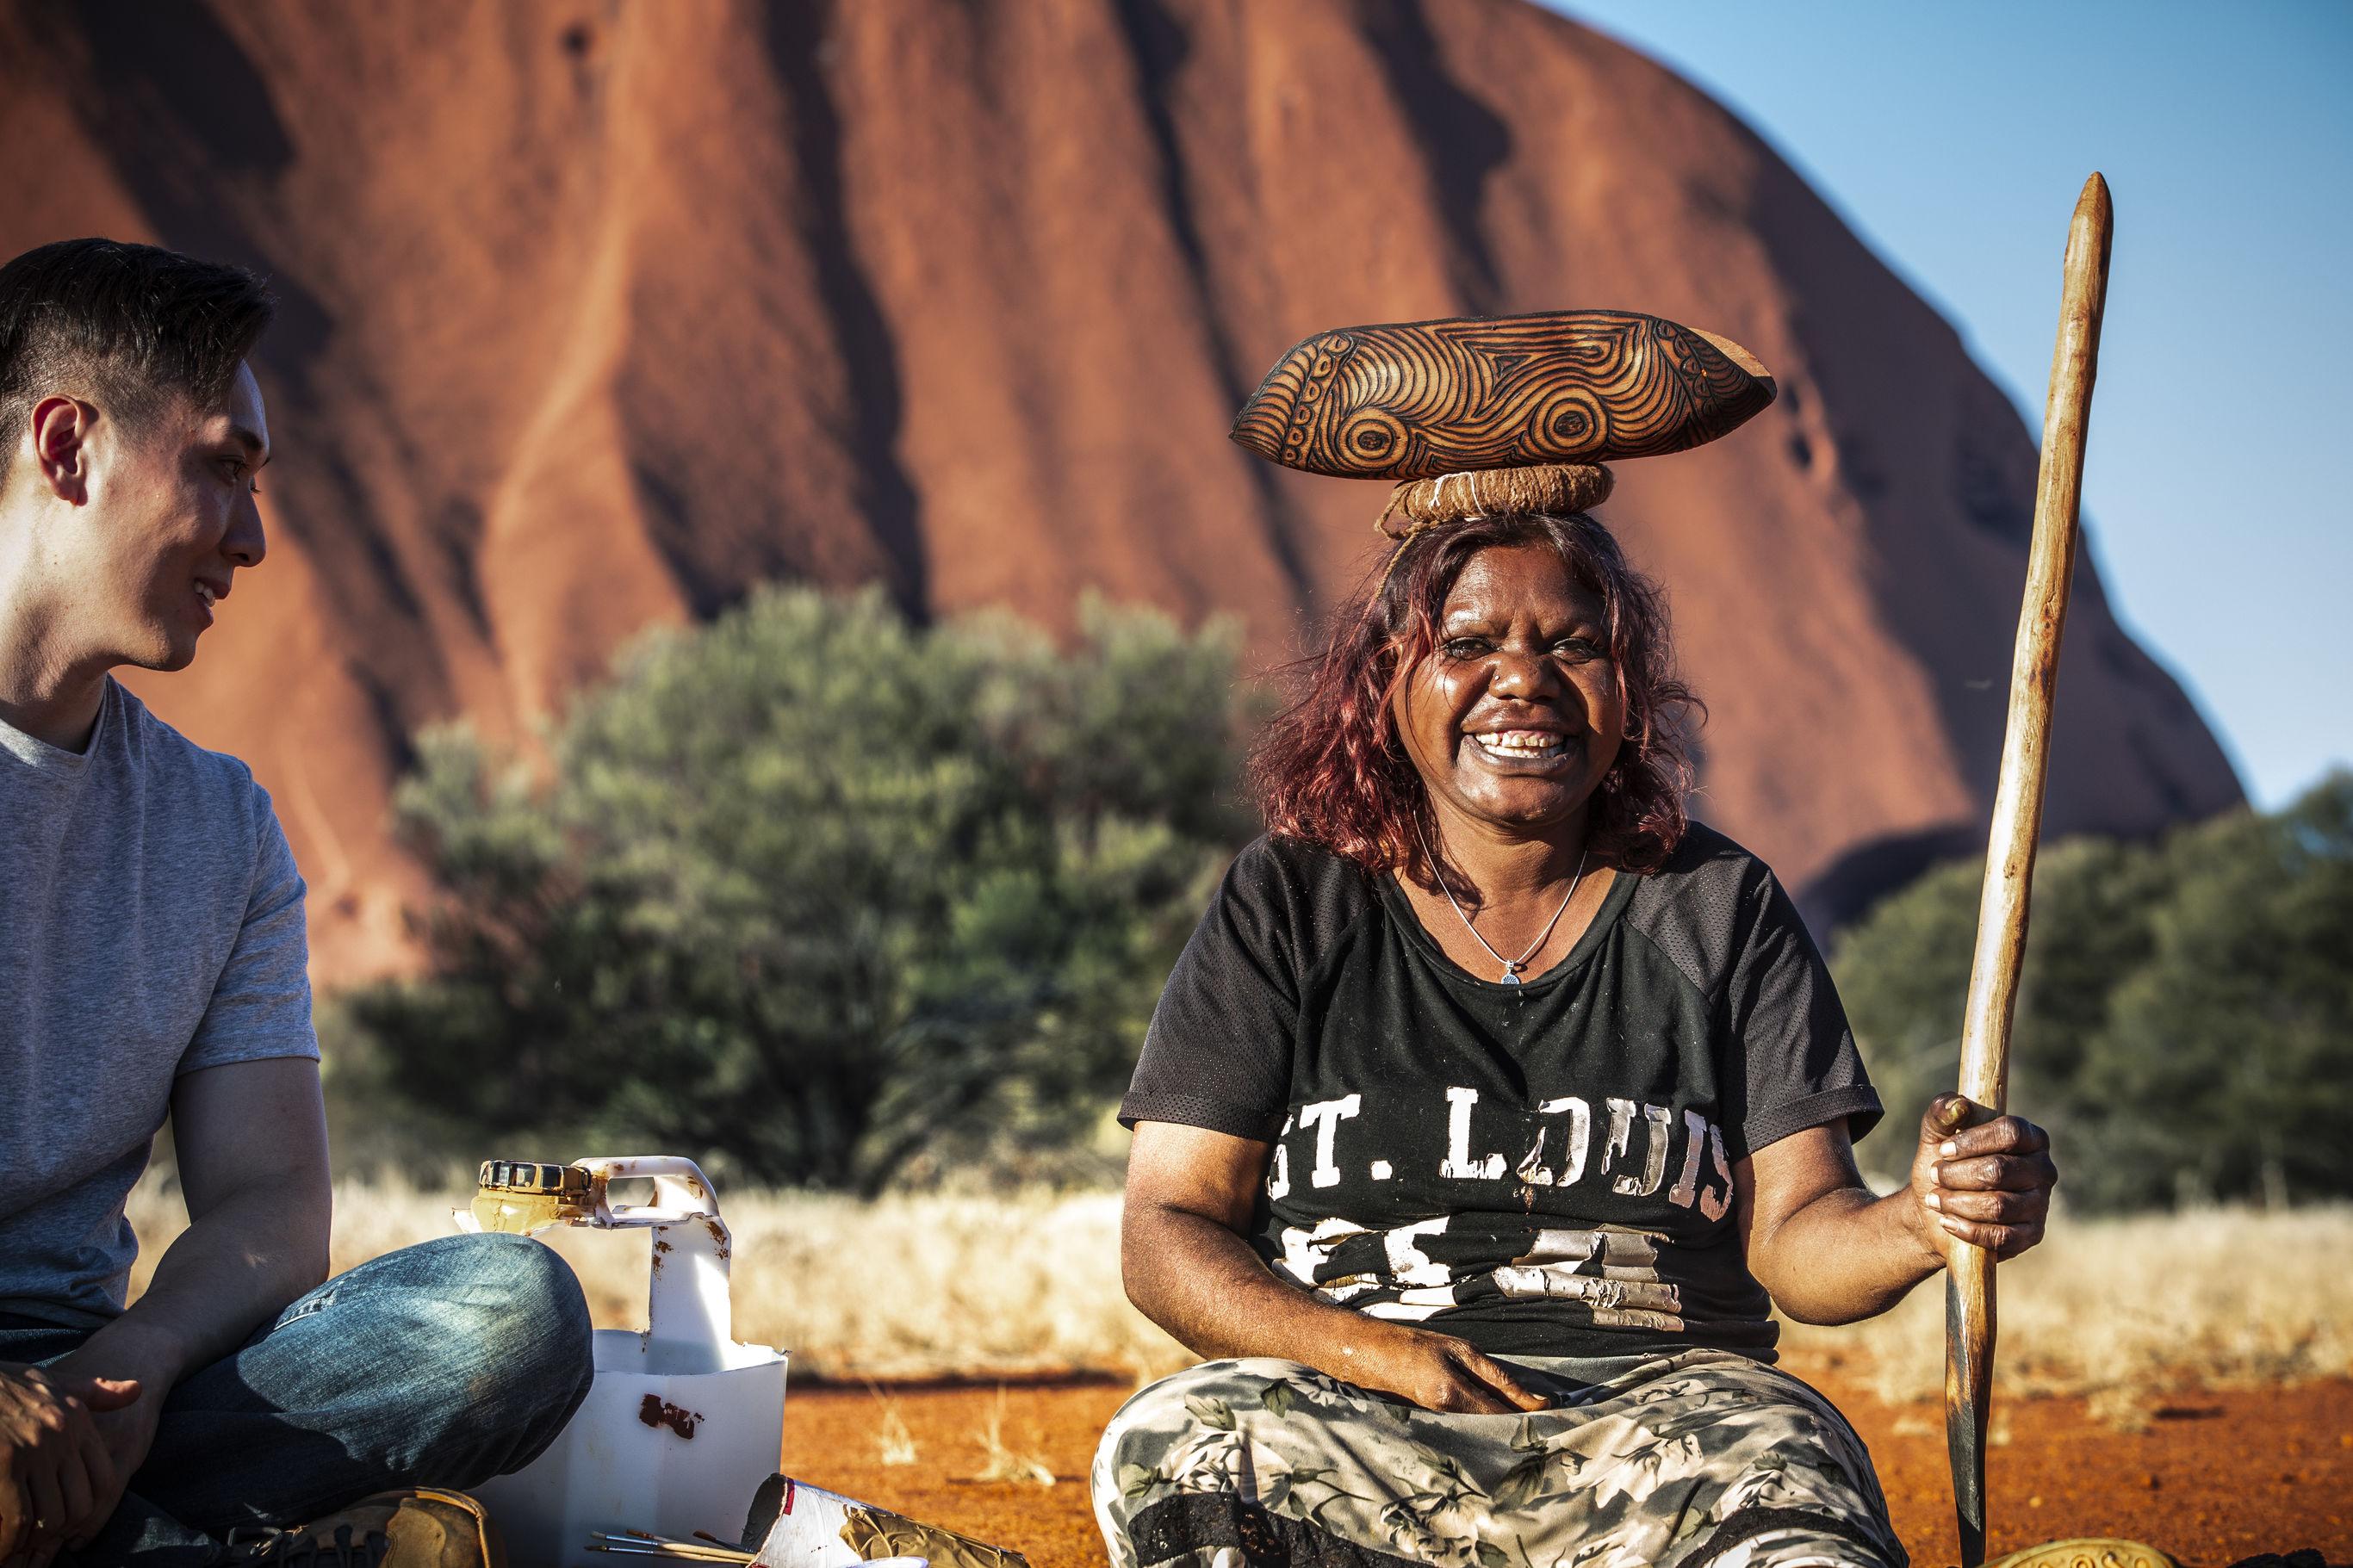 Australie-Uluru-Aboriginal-vrouw_1_558834 China